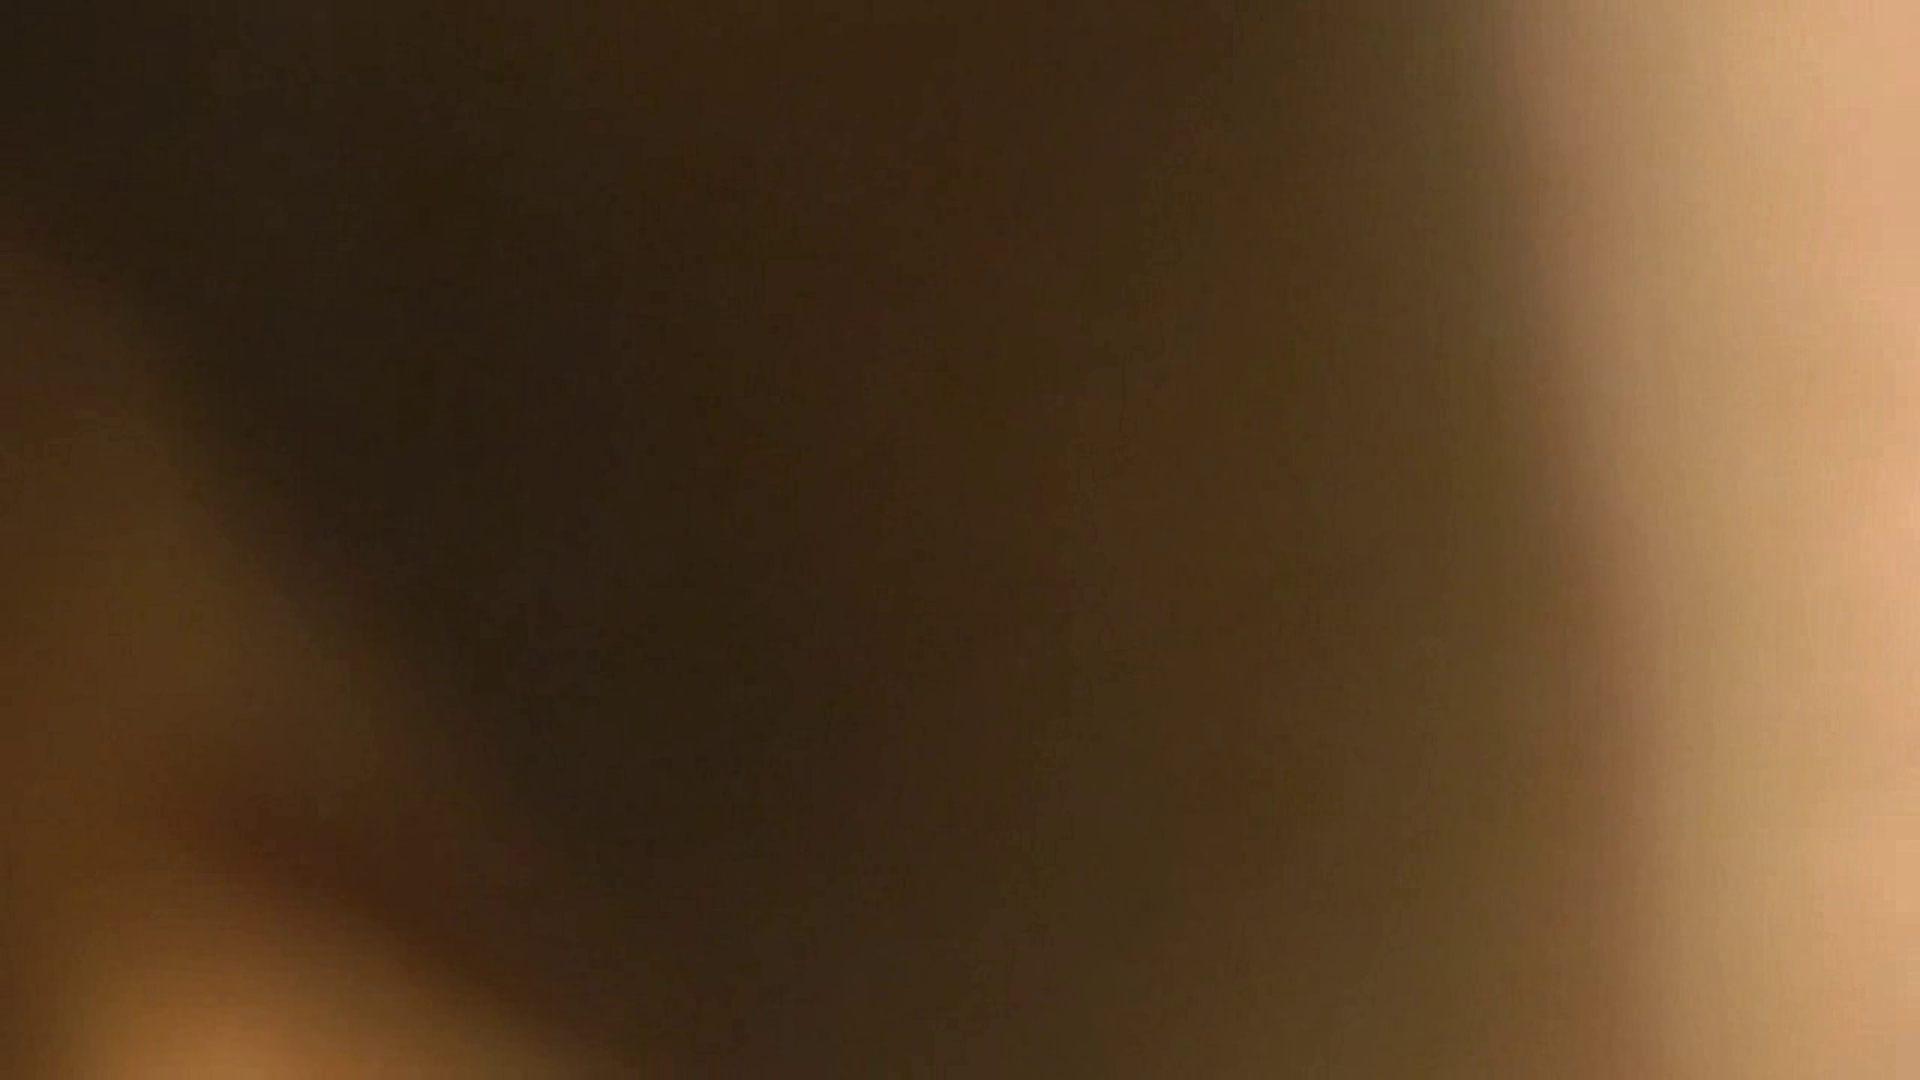 vol.1 Mayumi 窓越しに入浴シーン撮影に成功 OL   入浴シーン  89連発 57